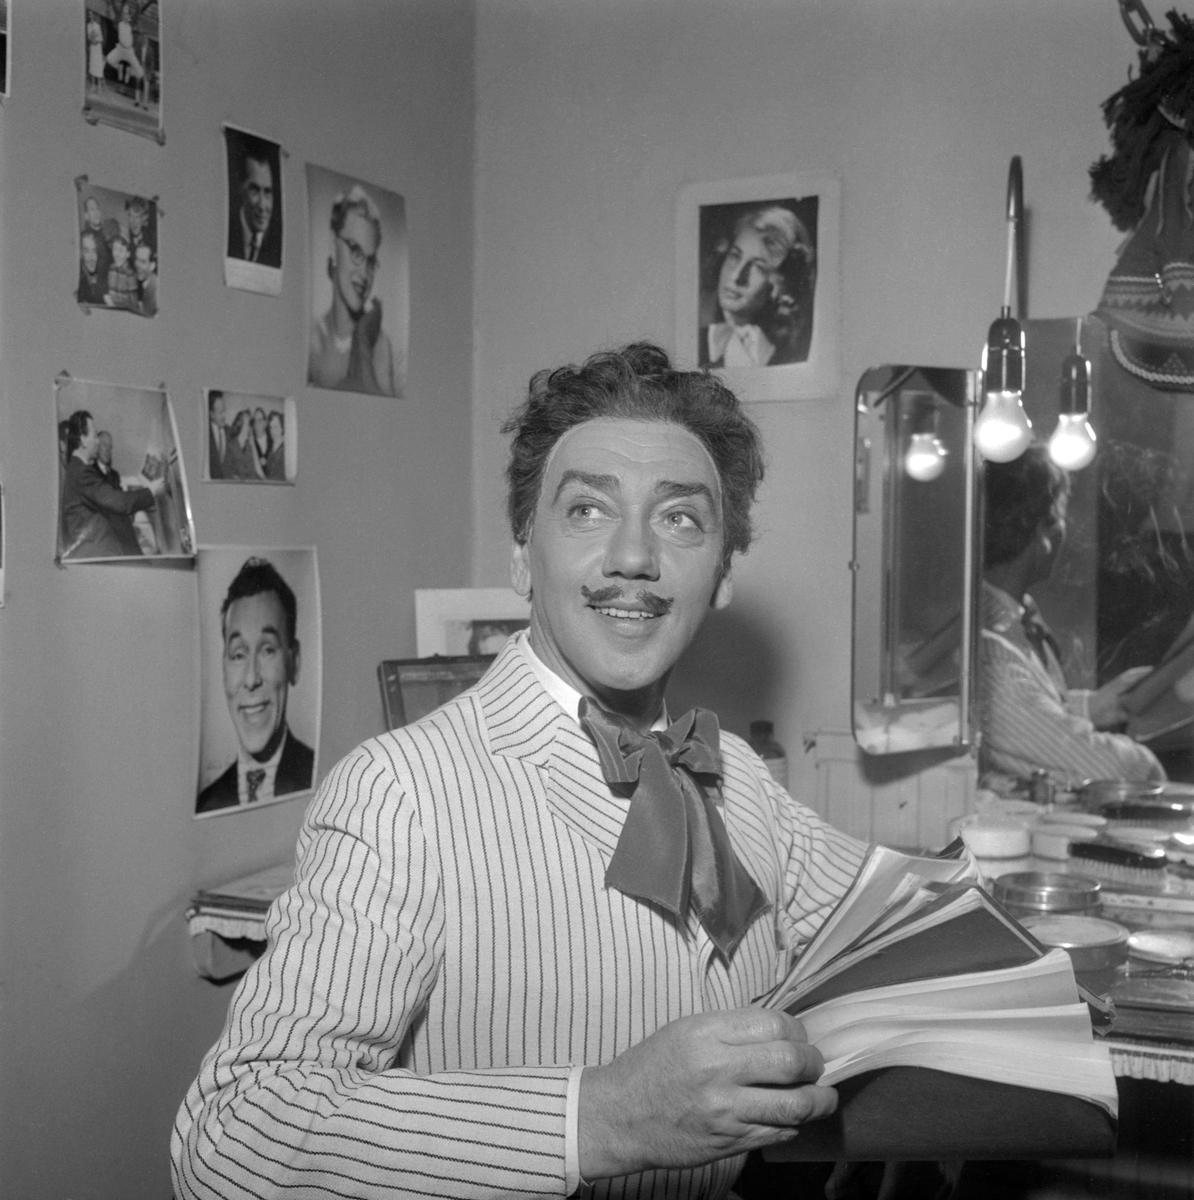 Sven Magnusson inför sin roll som cirkusdirektören Obolski i Östgötateaterns uppsättning av sånglustspelet Oh, mein Papa! Bilden är från Norrköpings stadsteater där spelet hade premiär den 29 april 1958.